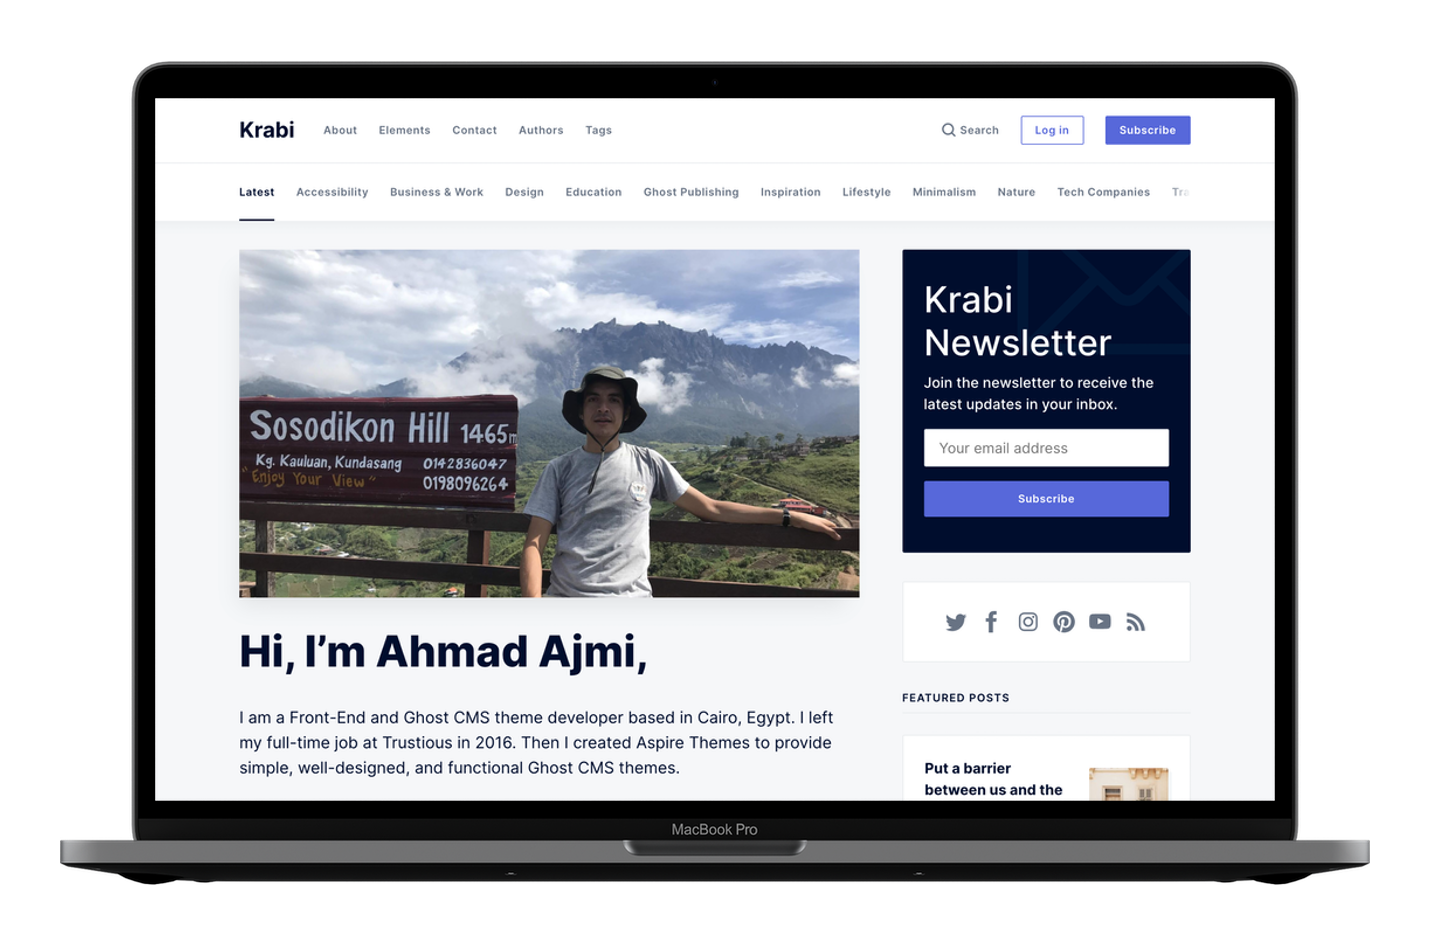 Krabi Custom Homepage